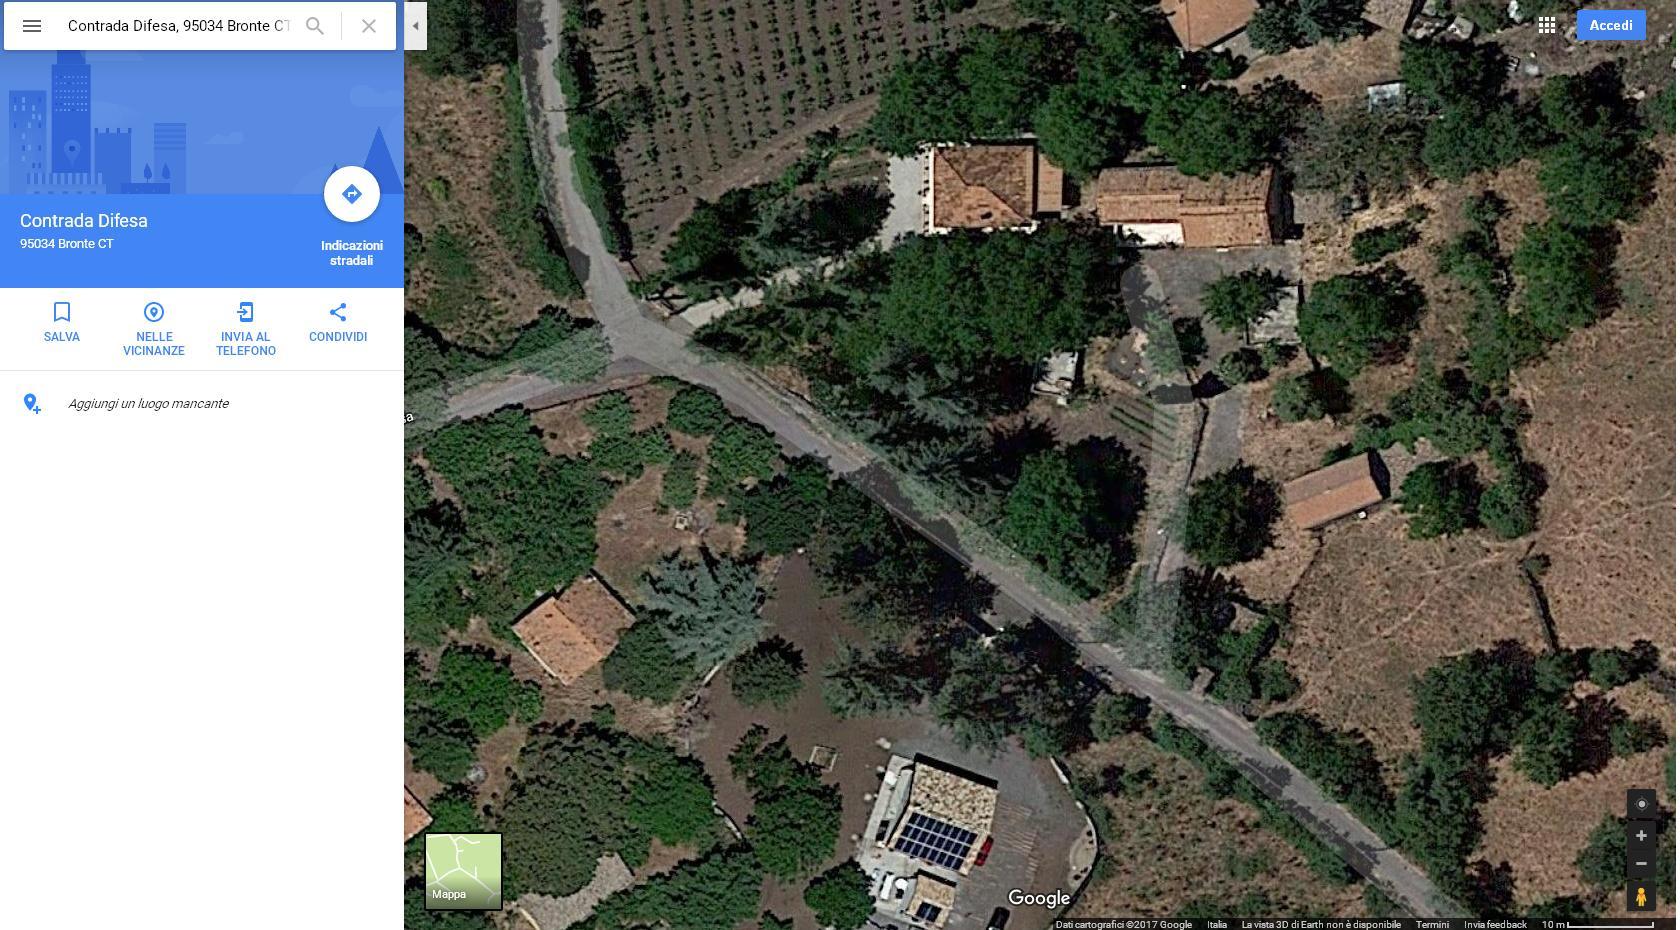 Image Appartamento in Contrada Difesa di Bronte (CT) Zona Parco dell'ETNA e Terreno Coltivabile e Pertinenze 0